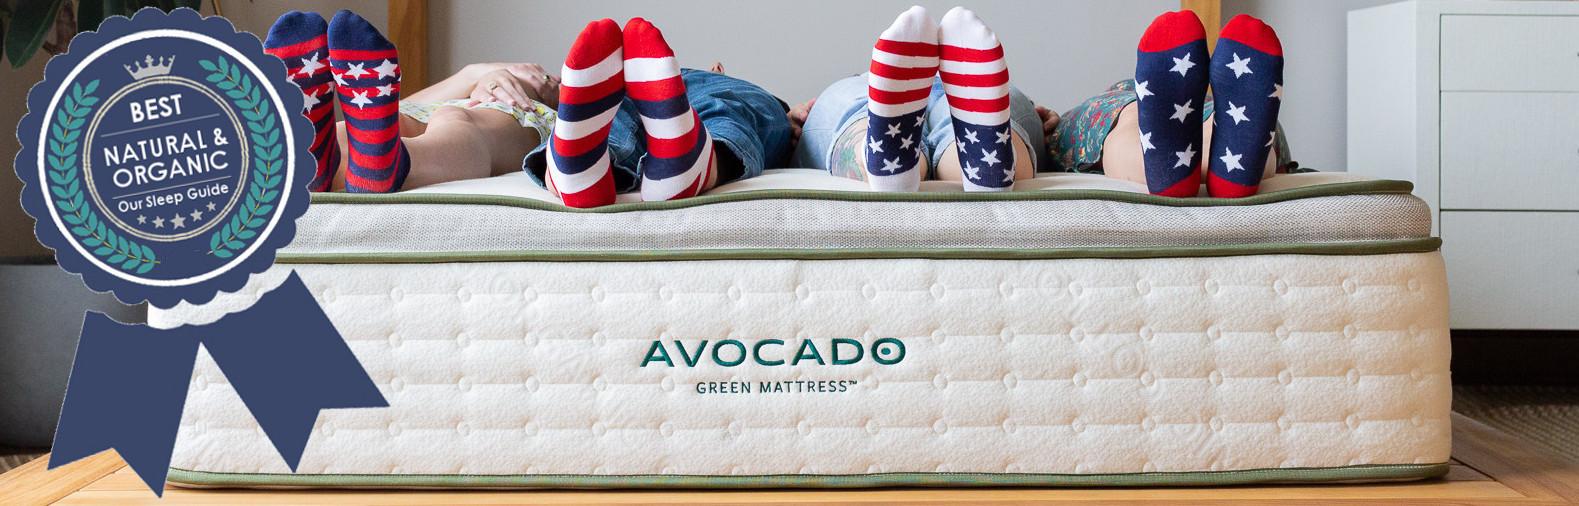 best natural mattress avocado